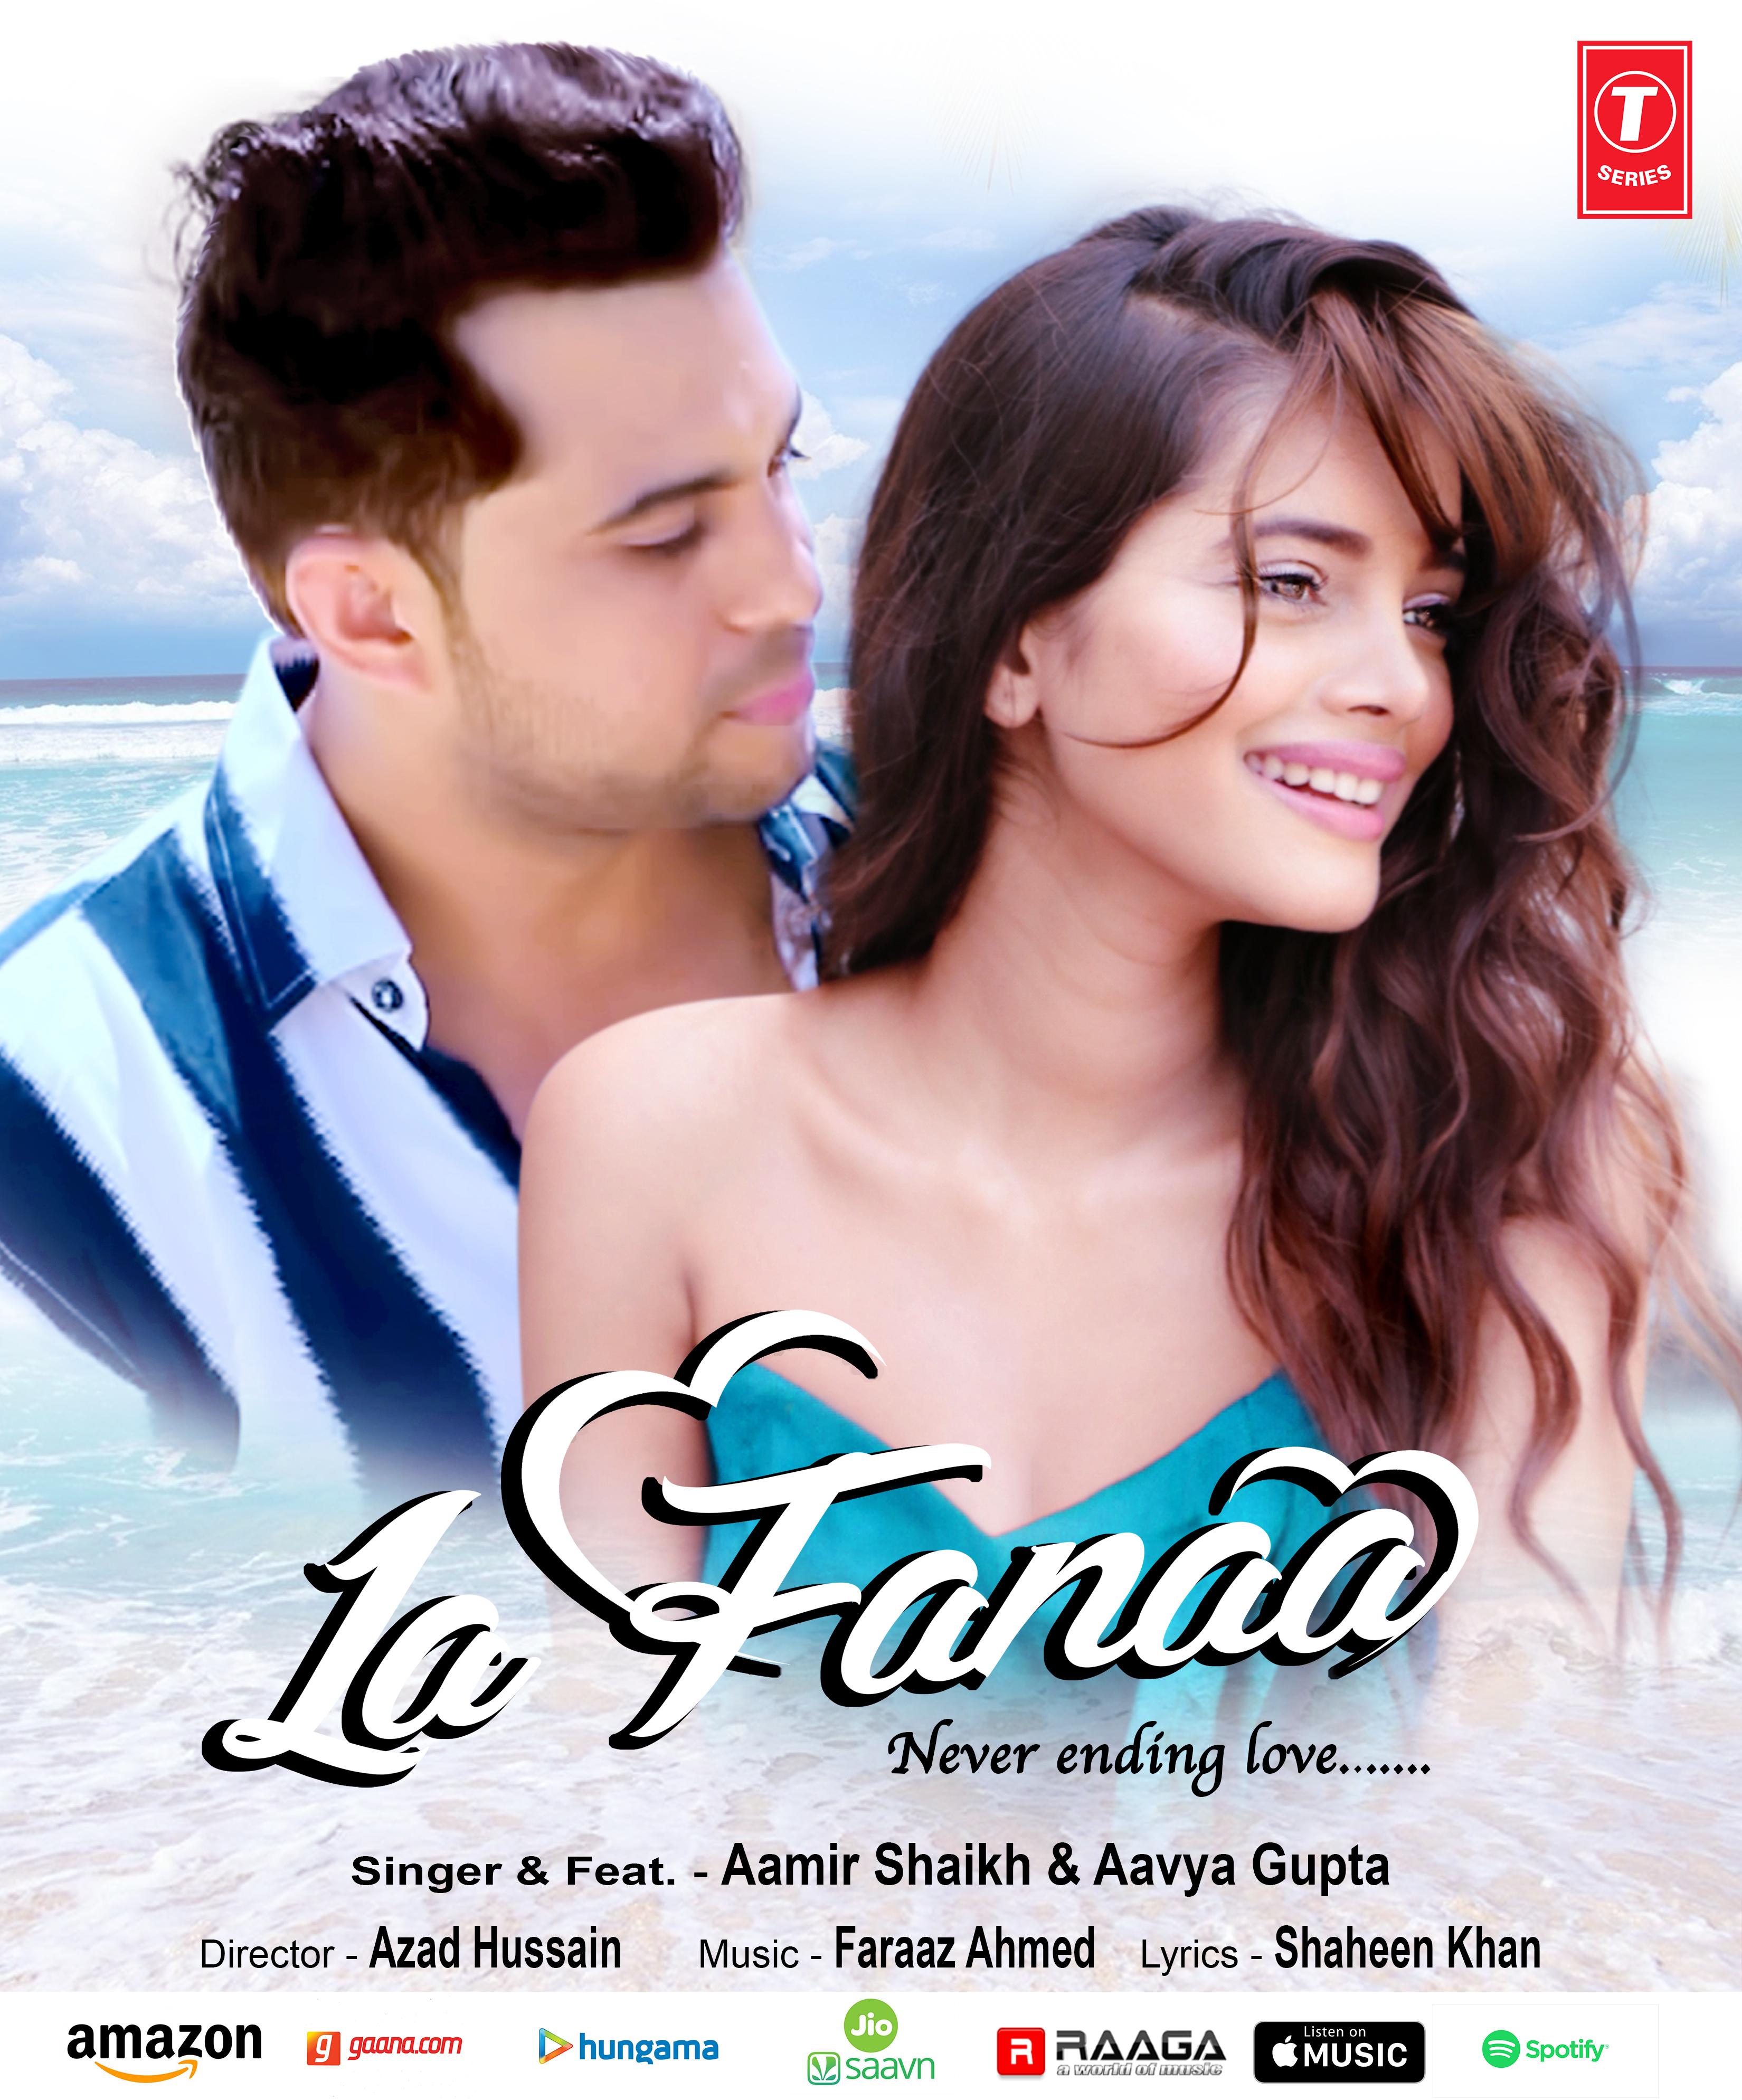 Fanaa 4 Full Movie In Hindi Free Download Hd My Website Powered By Doodlekit